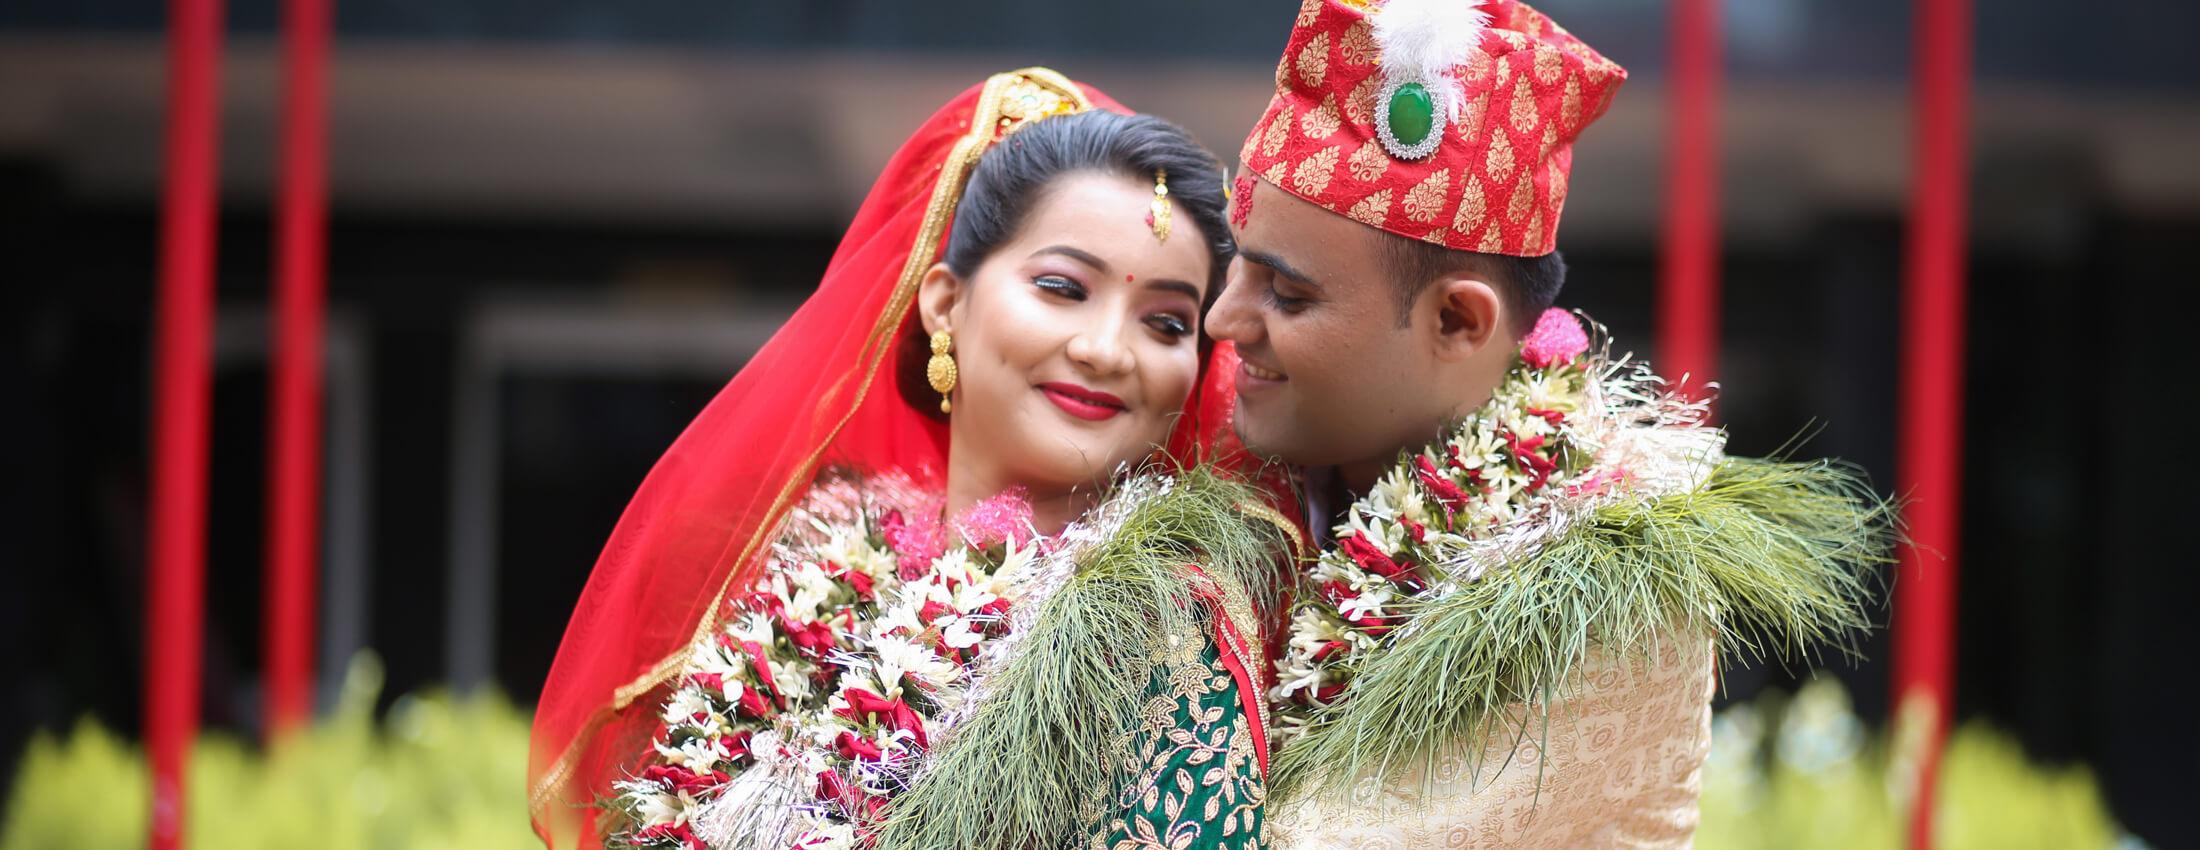 Sandhya Wedding - Wedding photoshoot, ImgStock